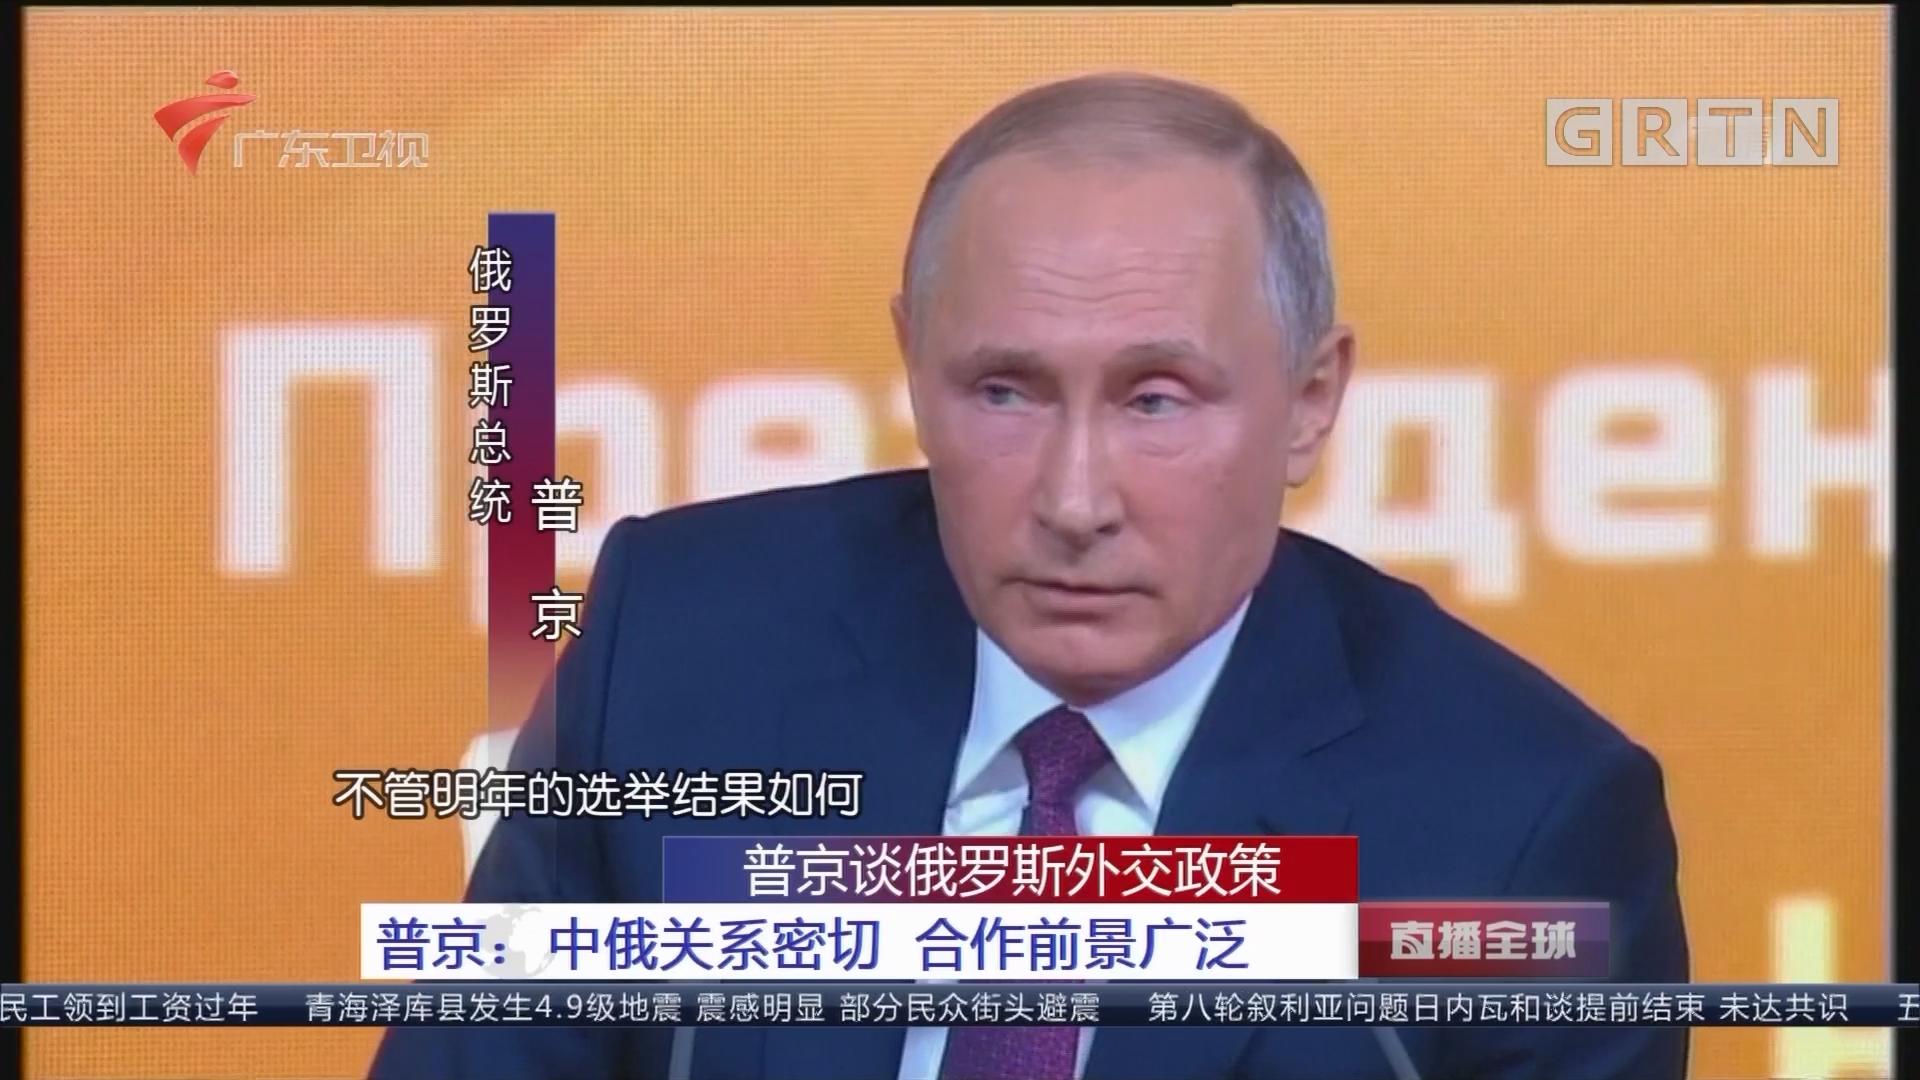 普京谈俄罗斯外交政策 普京:中俄关系密切 合作前景广泛